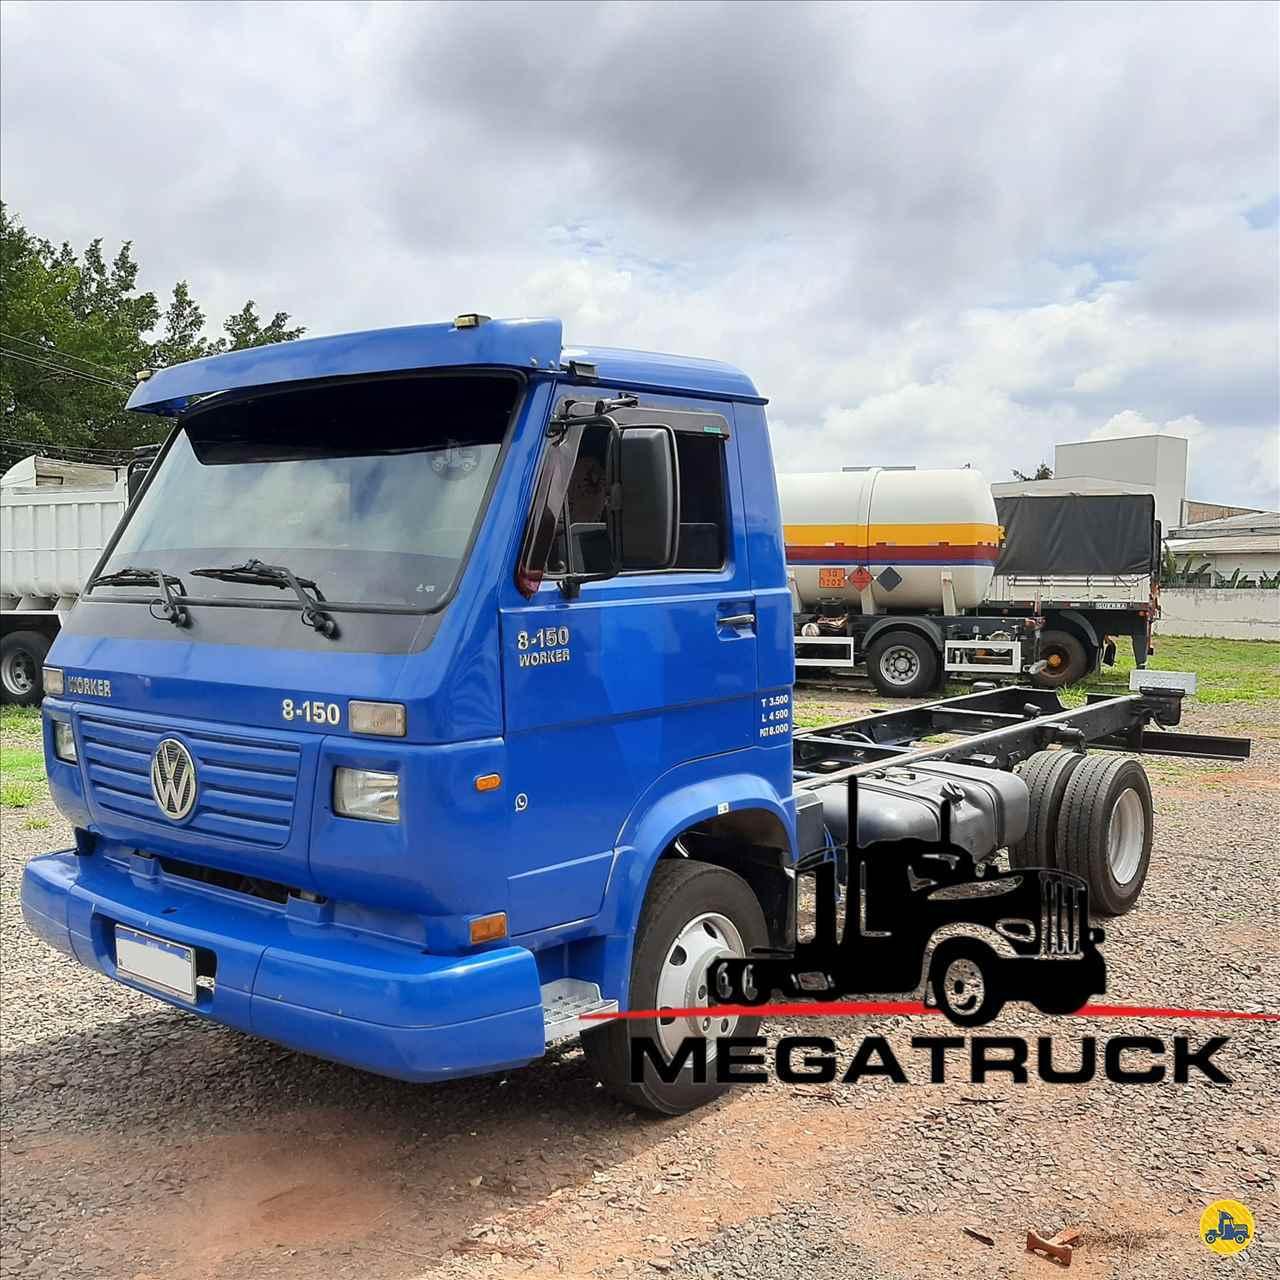 CAMINHAO VOLKSWAGEN VW 8150 Chassis 3/4 4x2 Megatruck Caminhões e Máquinas CAMPO GRANDE MATO GROSSO DO SUL MS